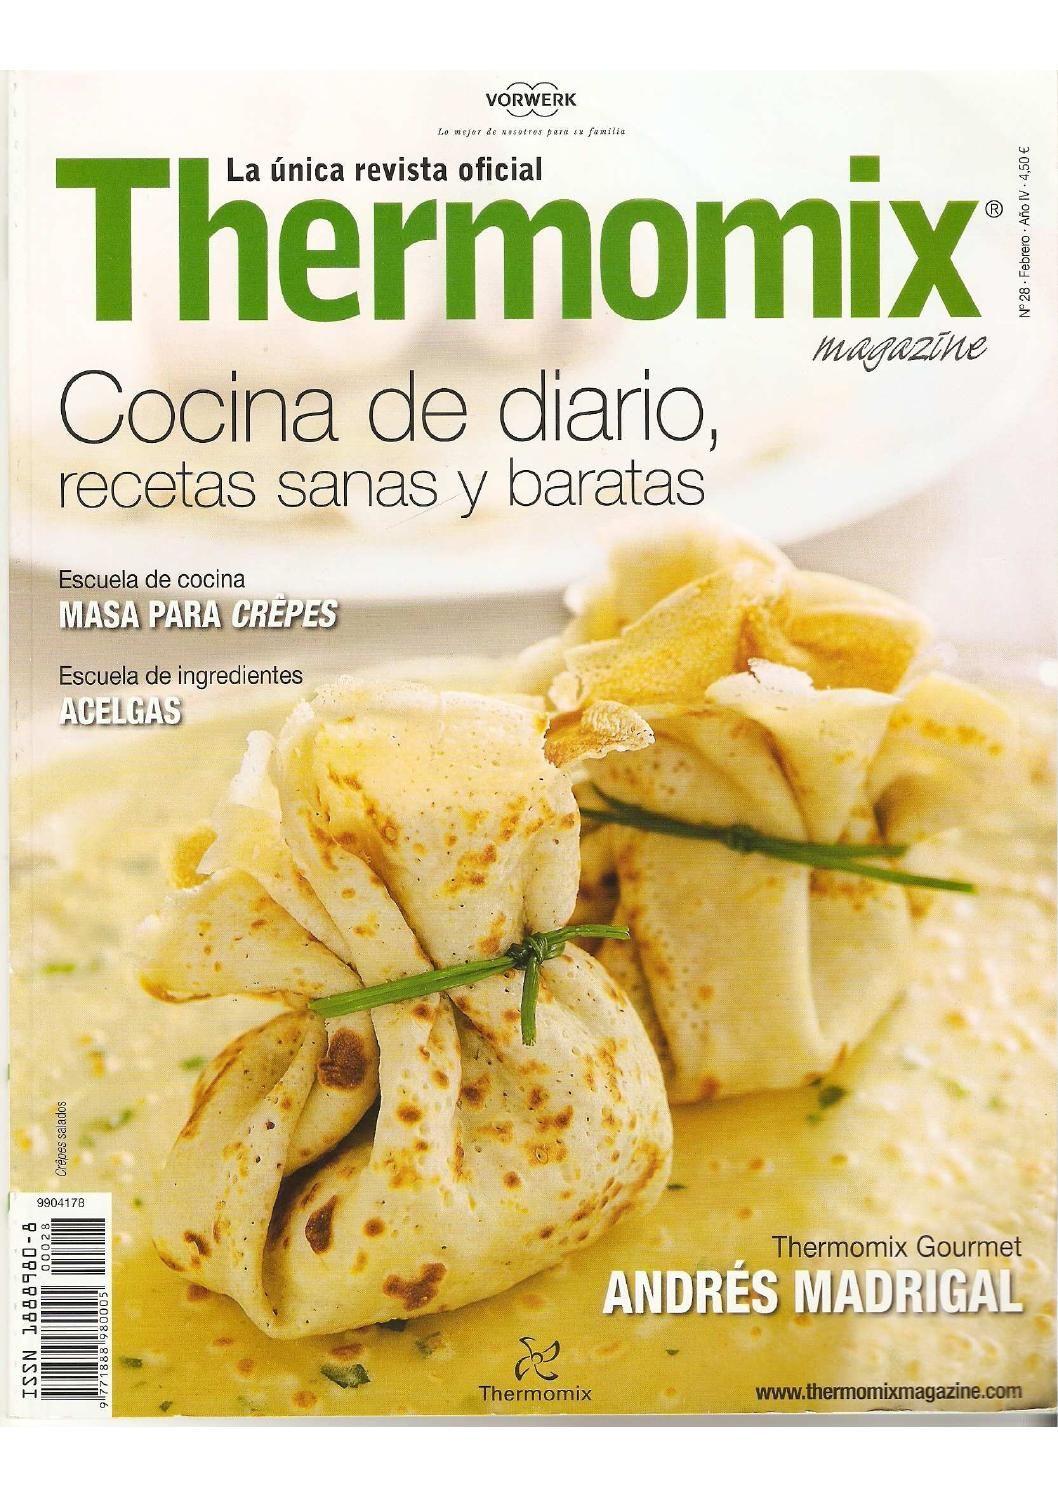 Revista Thermomix Nº28 Cocina De Diario Recetas Sanas Y Baratas Recetas De Cocina Sana Comida Recetas Para Cocinar